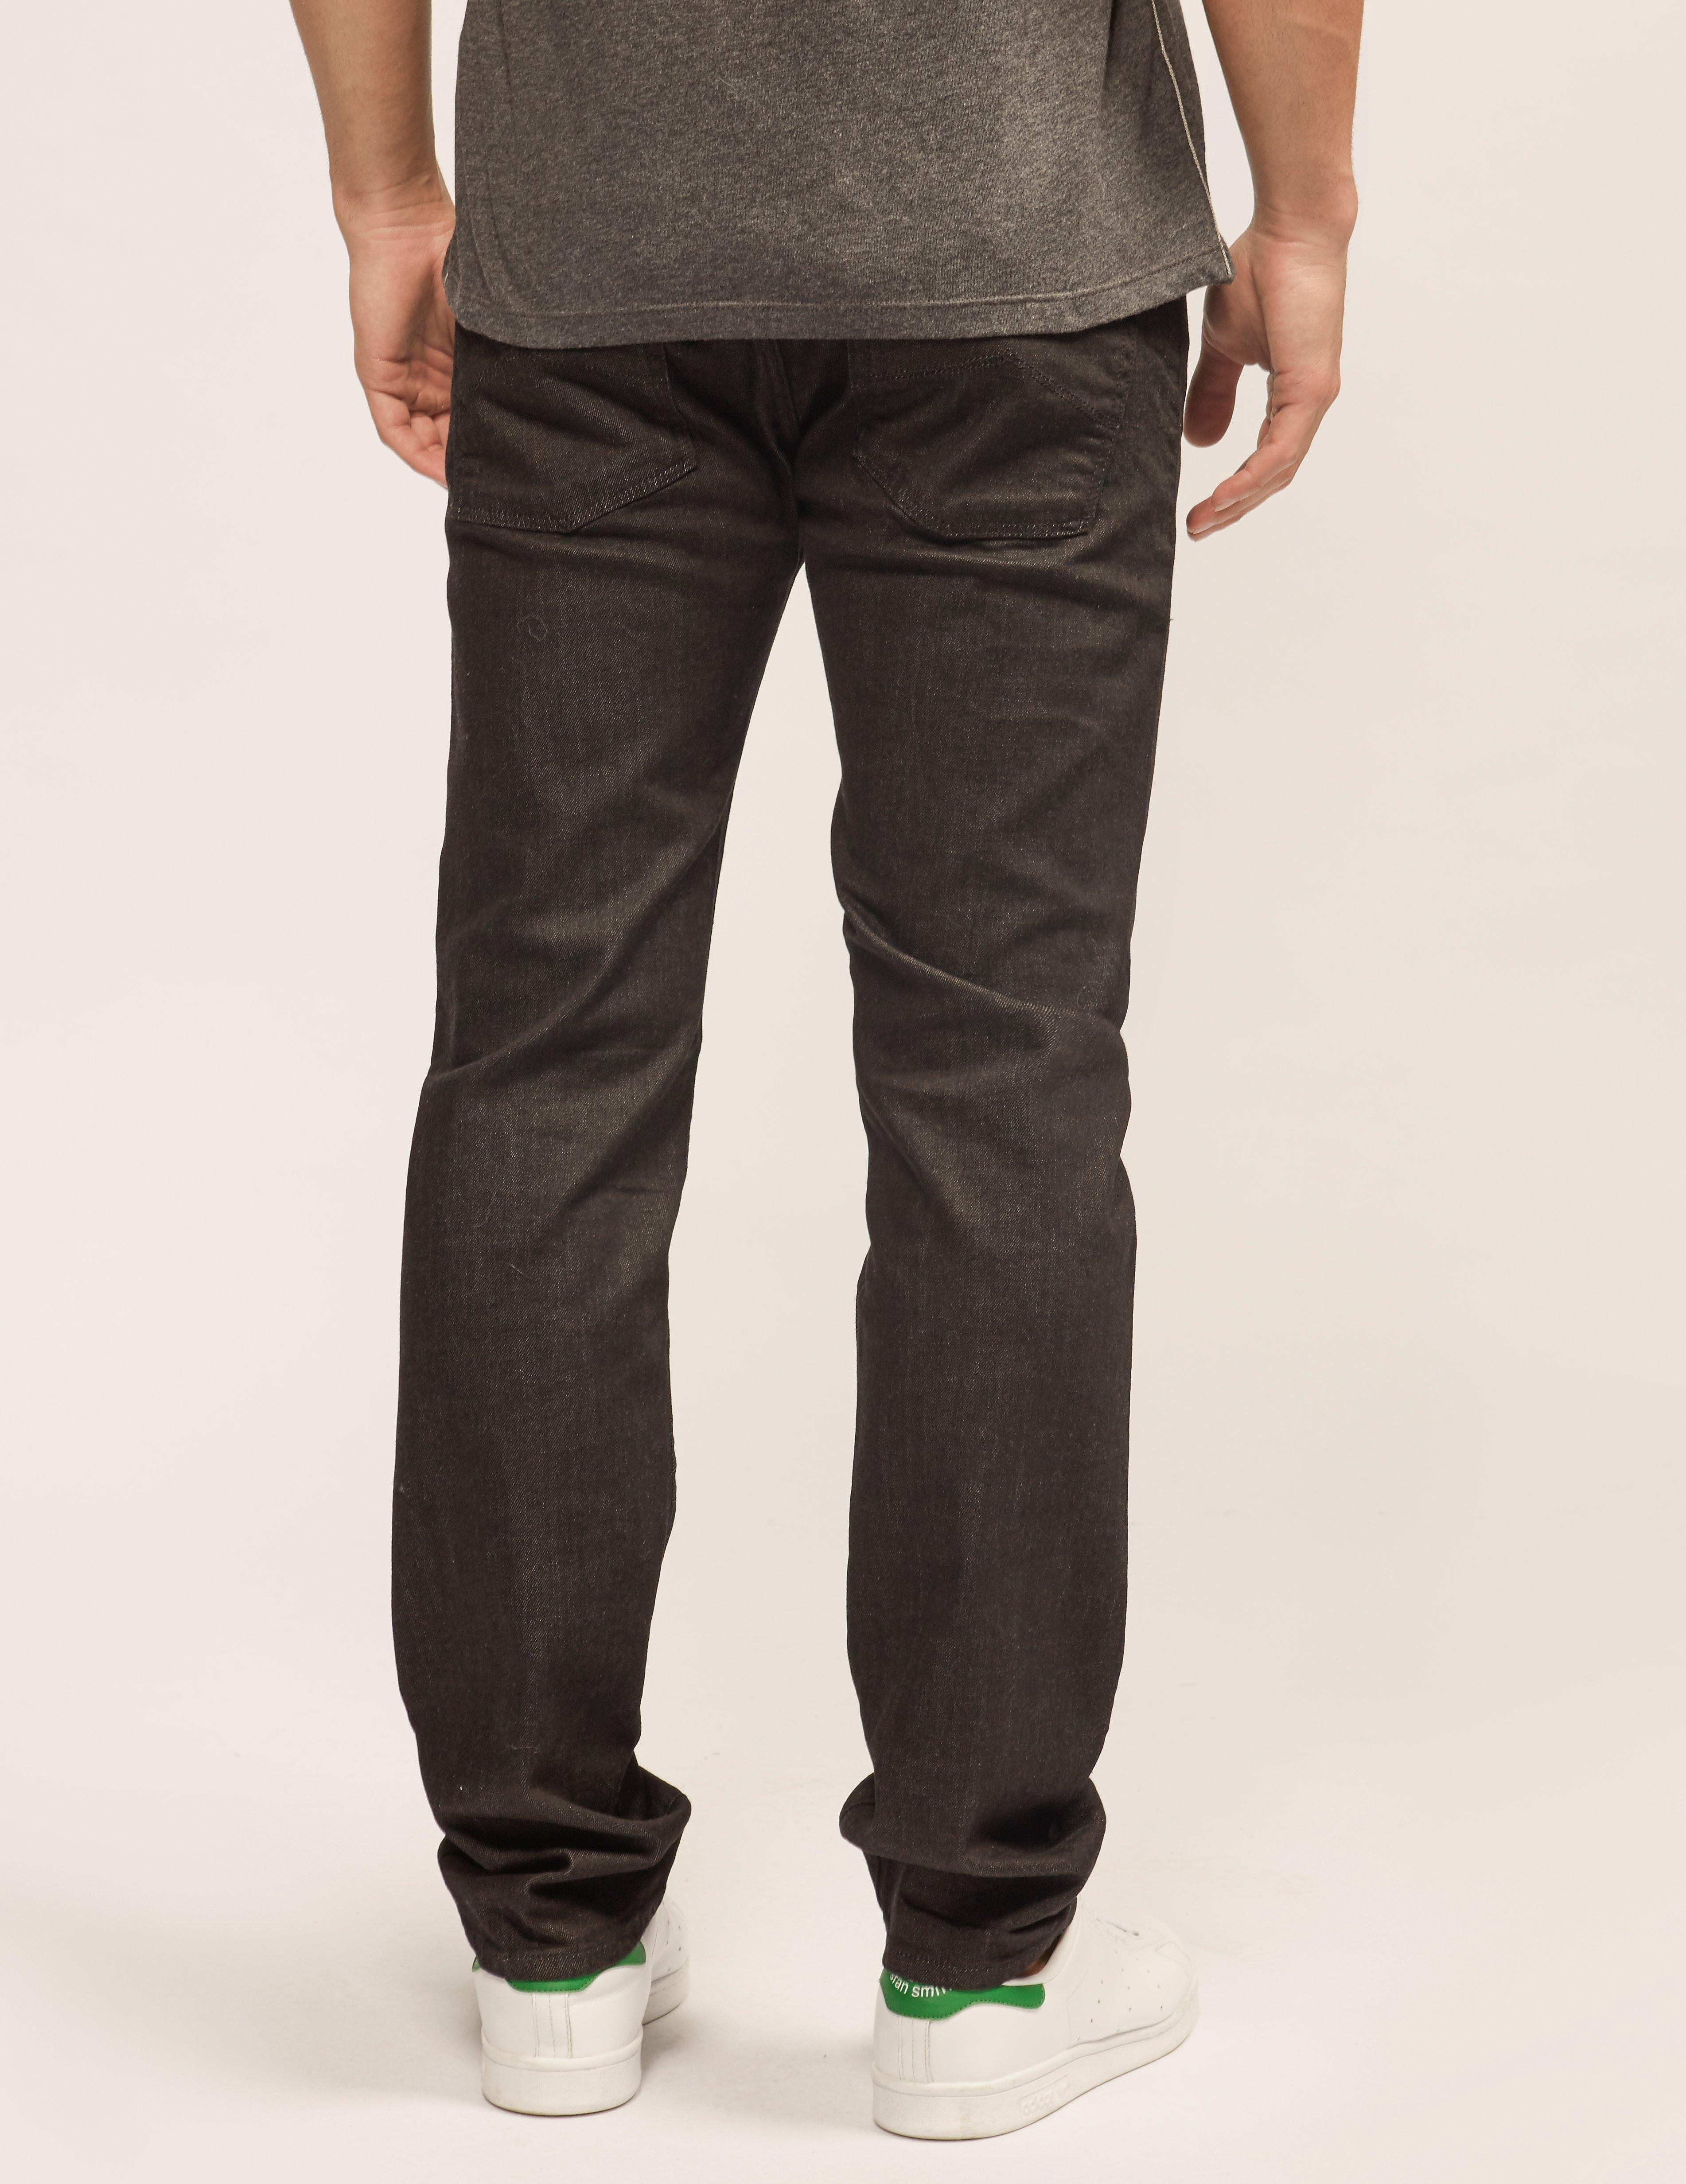 Armani Jeans J45 Regular Fit Bull Denim Jeans